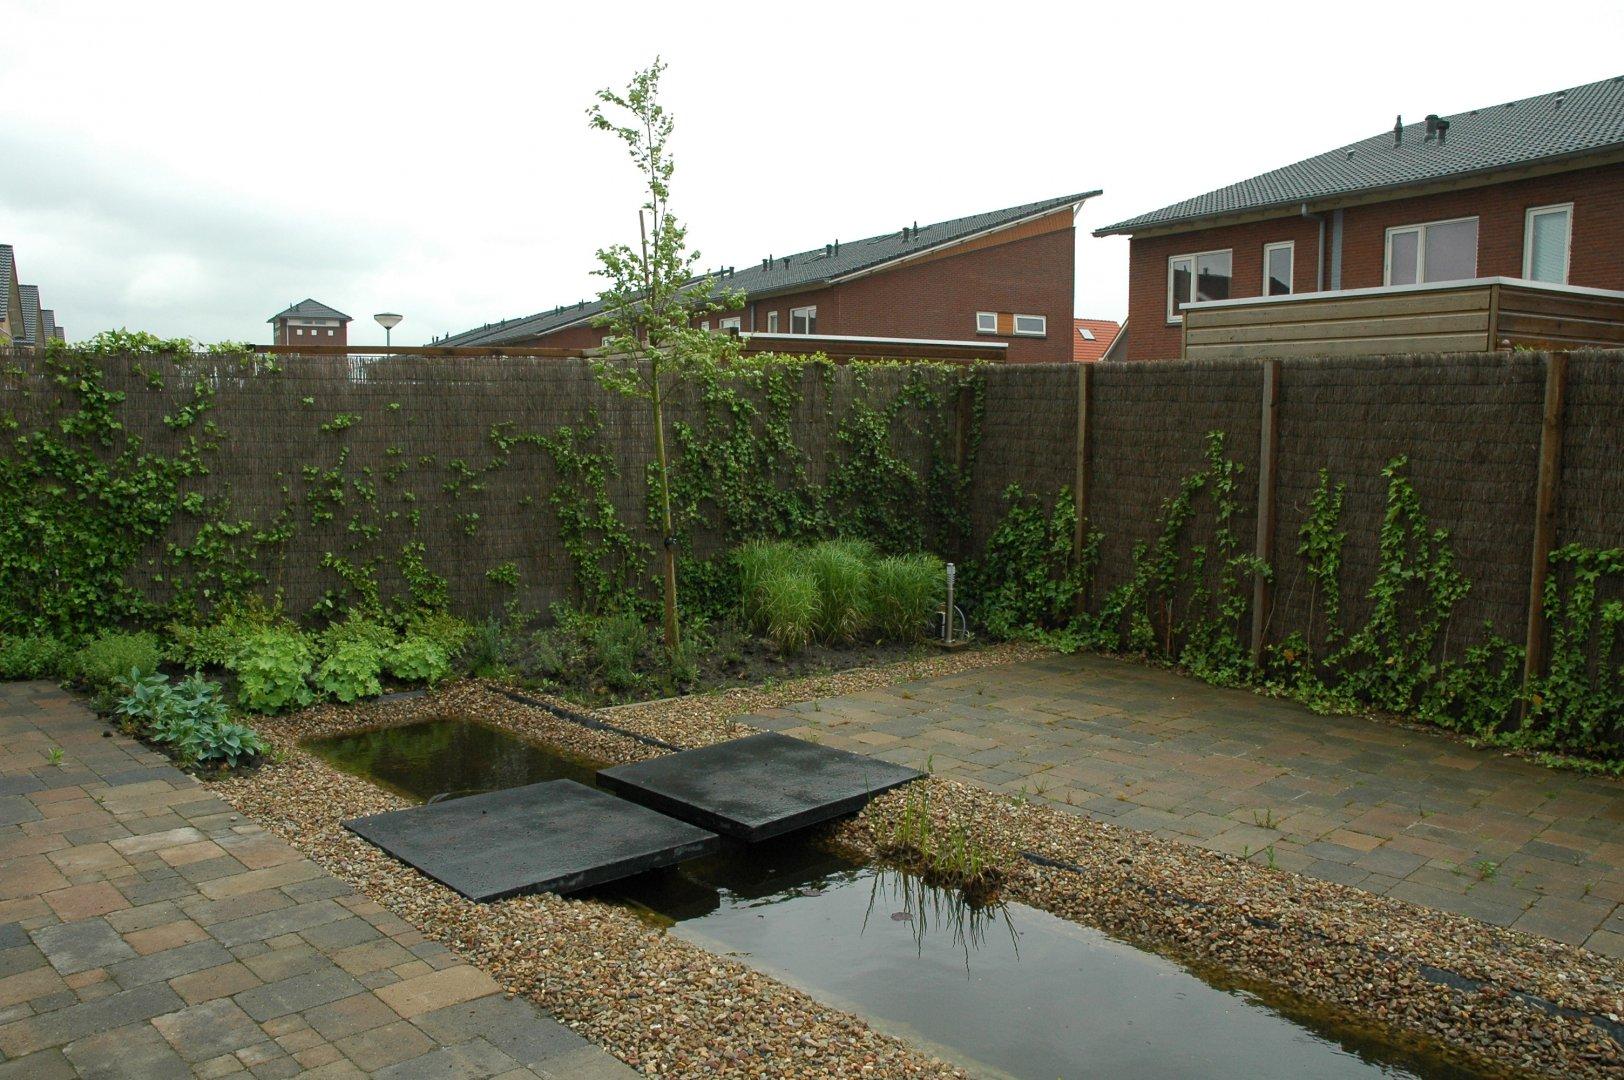 Renovatie Smalle Tuin : Tuin met strakke vormgeving in kloosterveen assen drupal